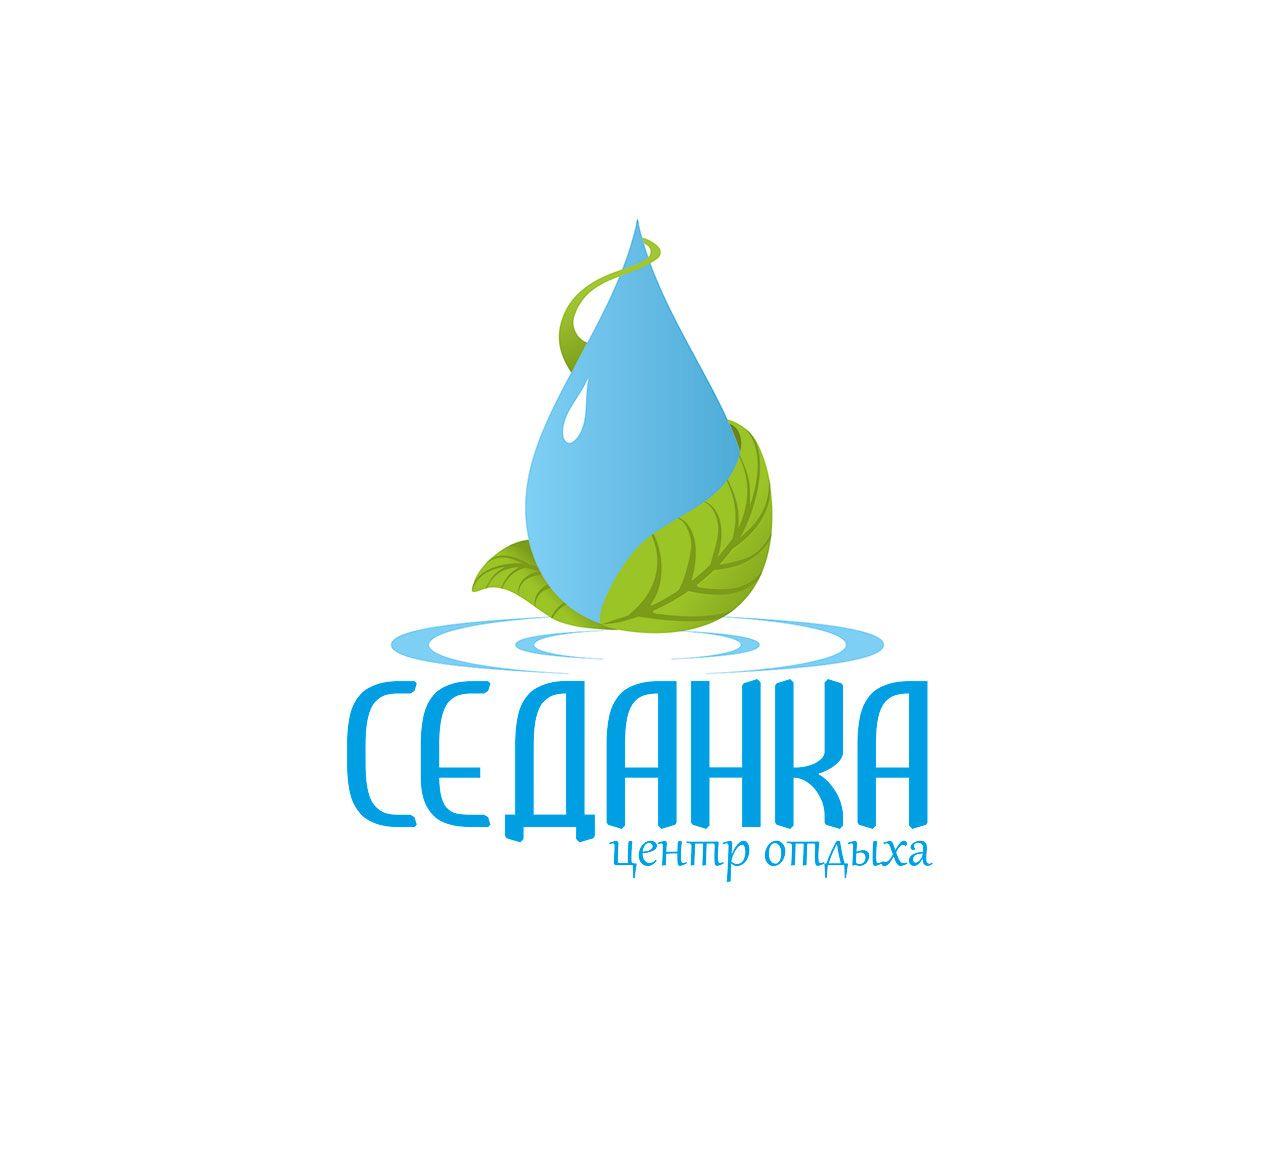 Логотип для центра отдыха - дизайнер Piona11